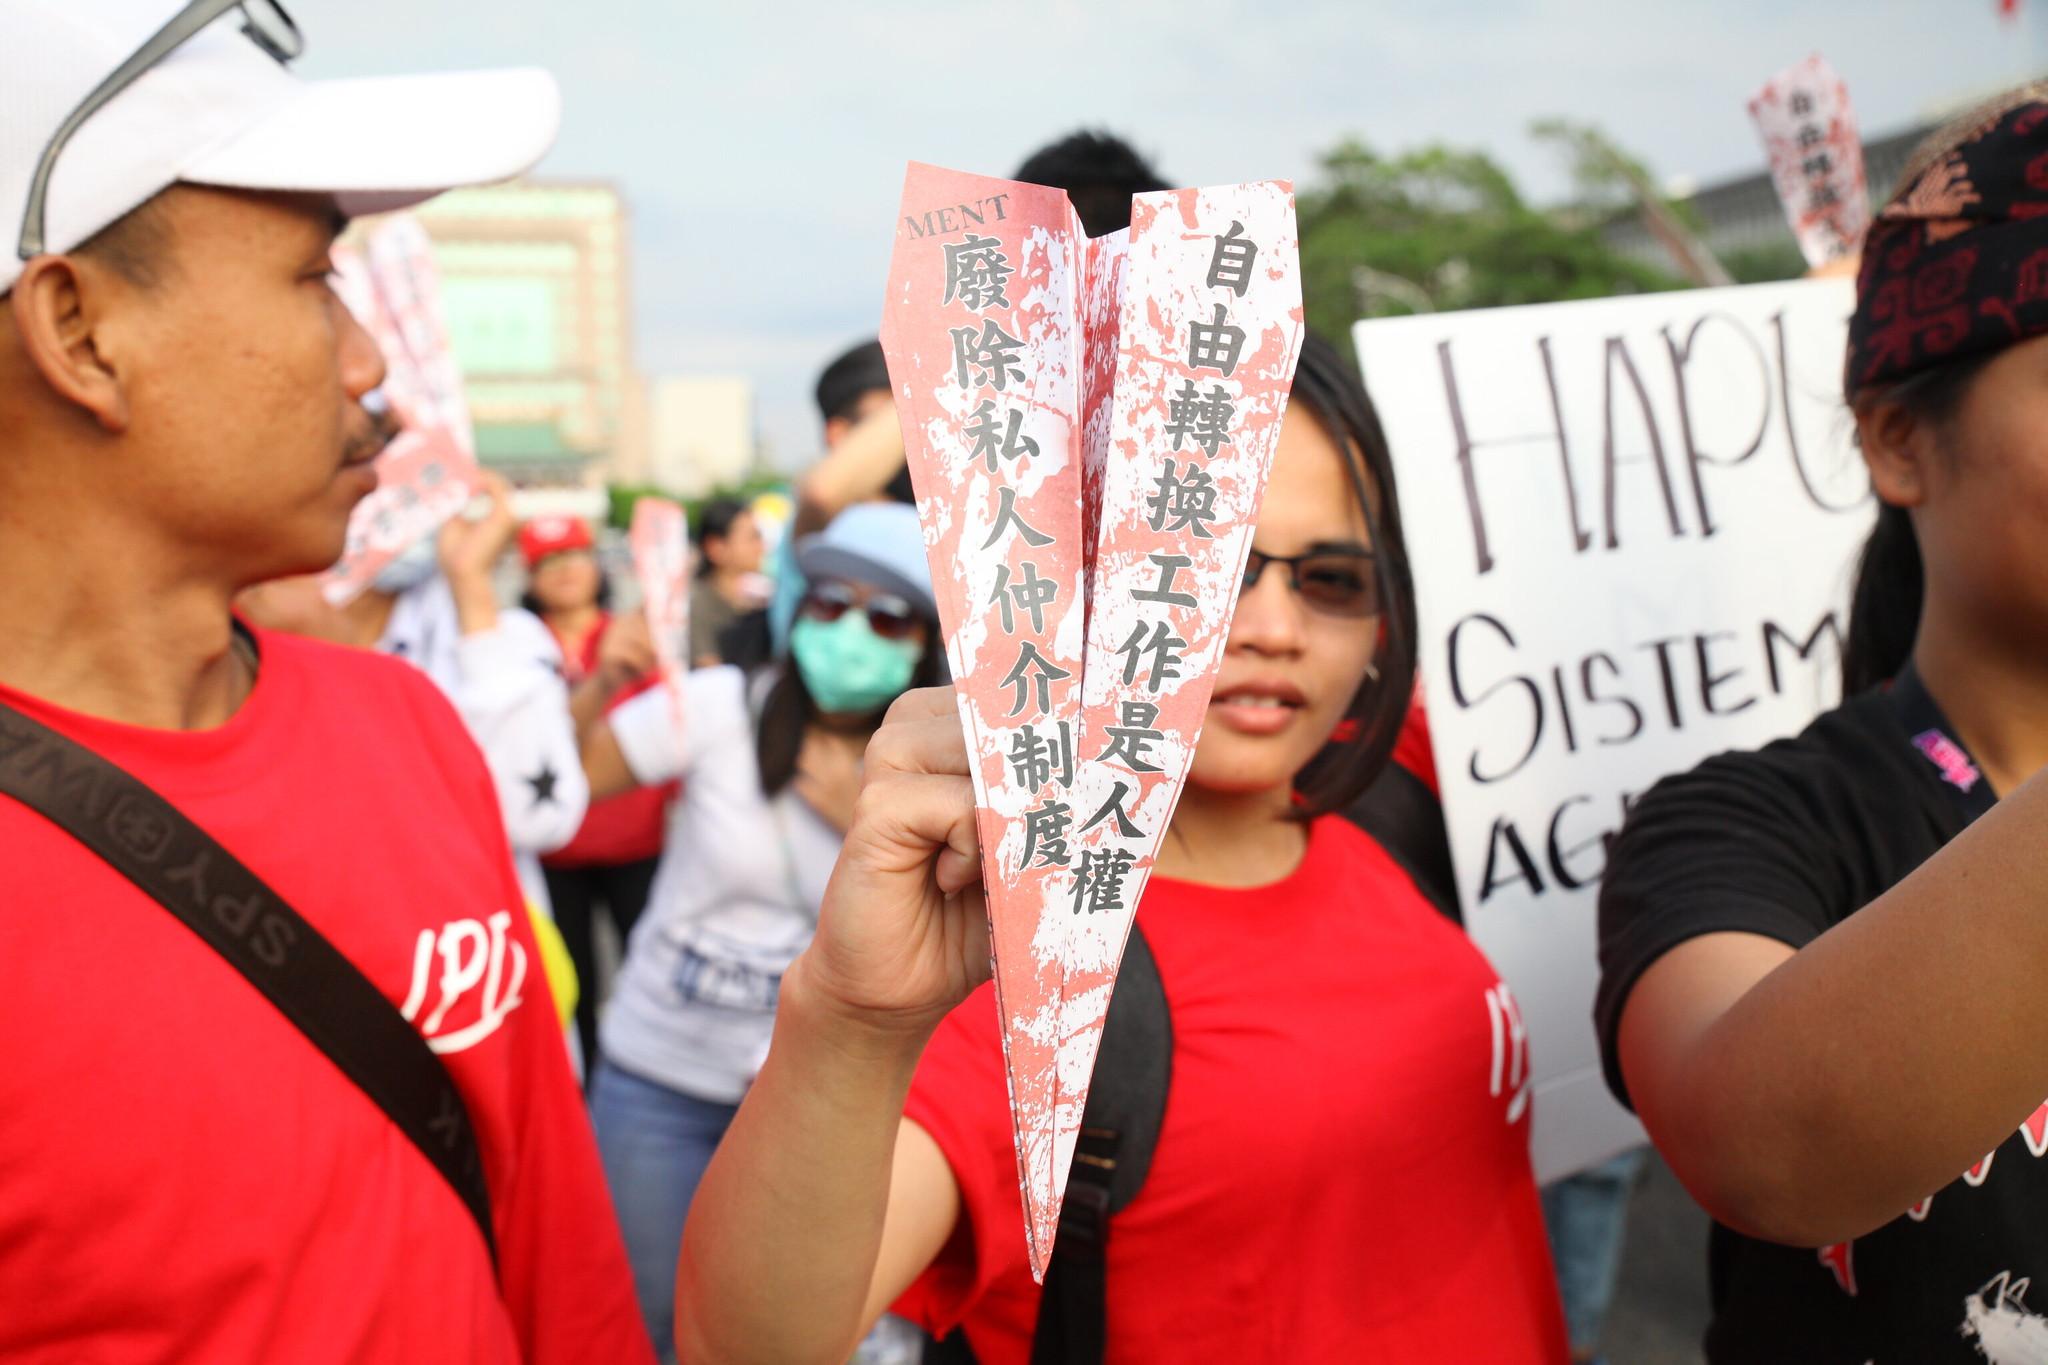 移工拿著寫有「自由轉換雇主訴求」的紙飛機,射向「結果呢」的蔡英文看板。(攝影:陳逸婷)